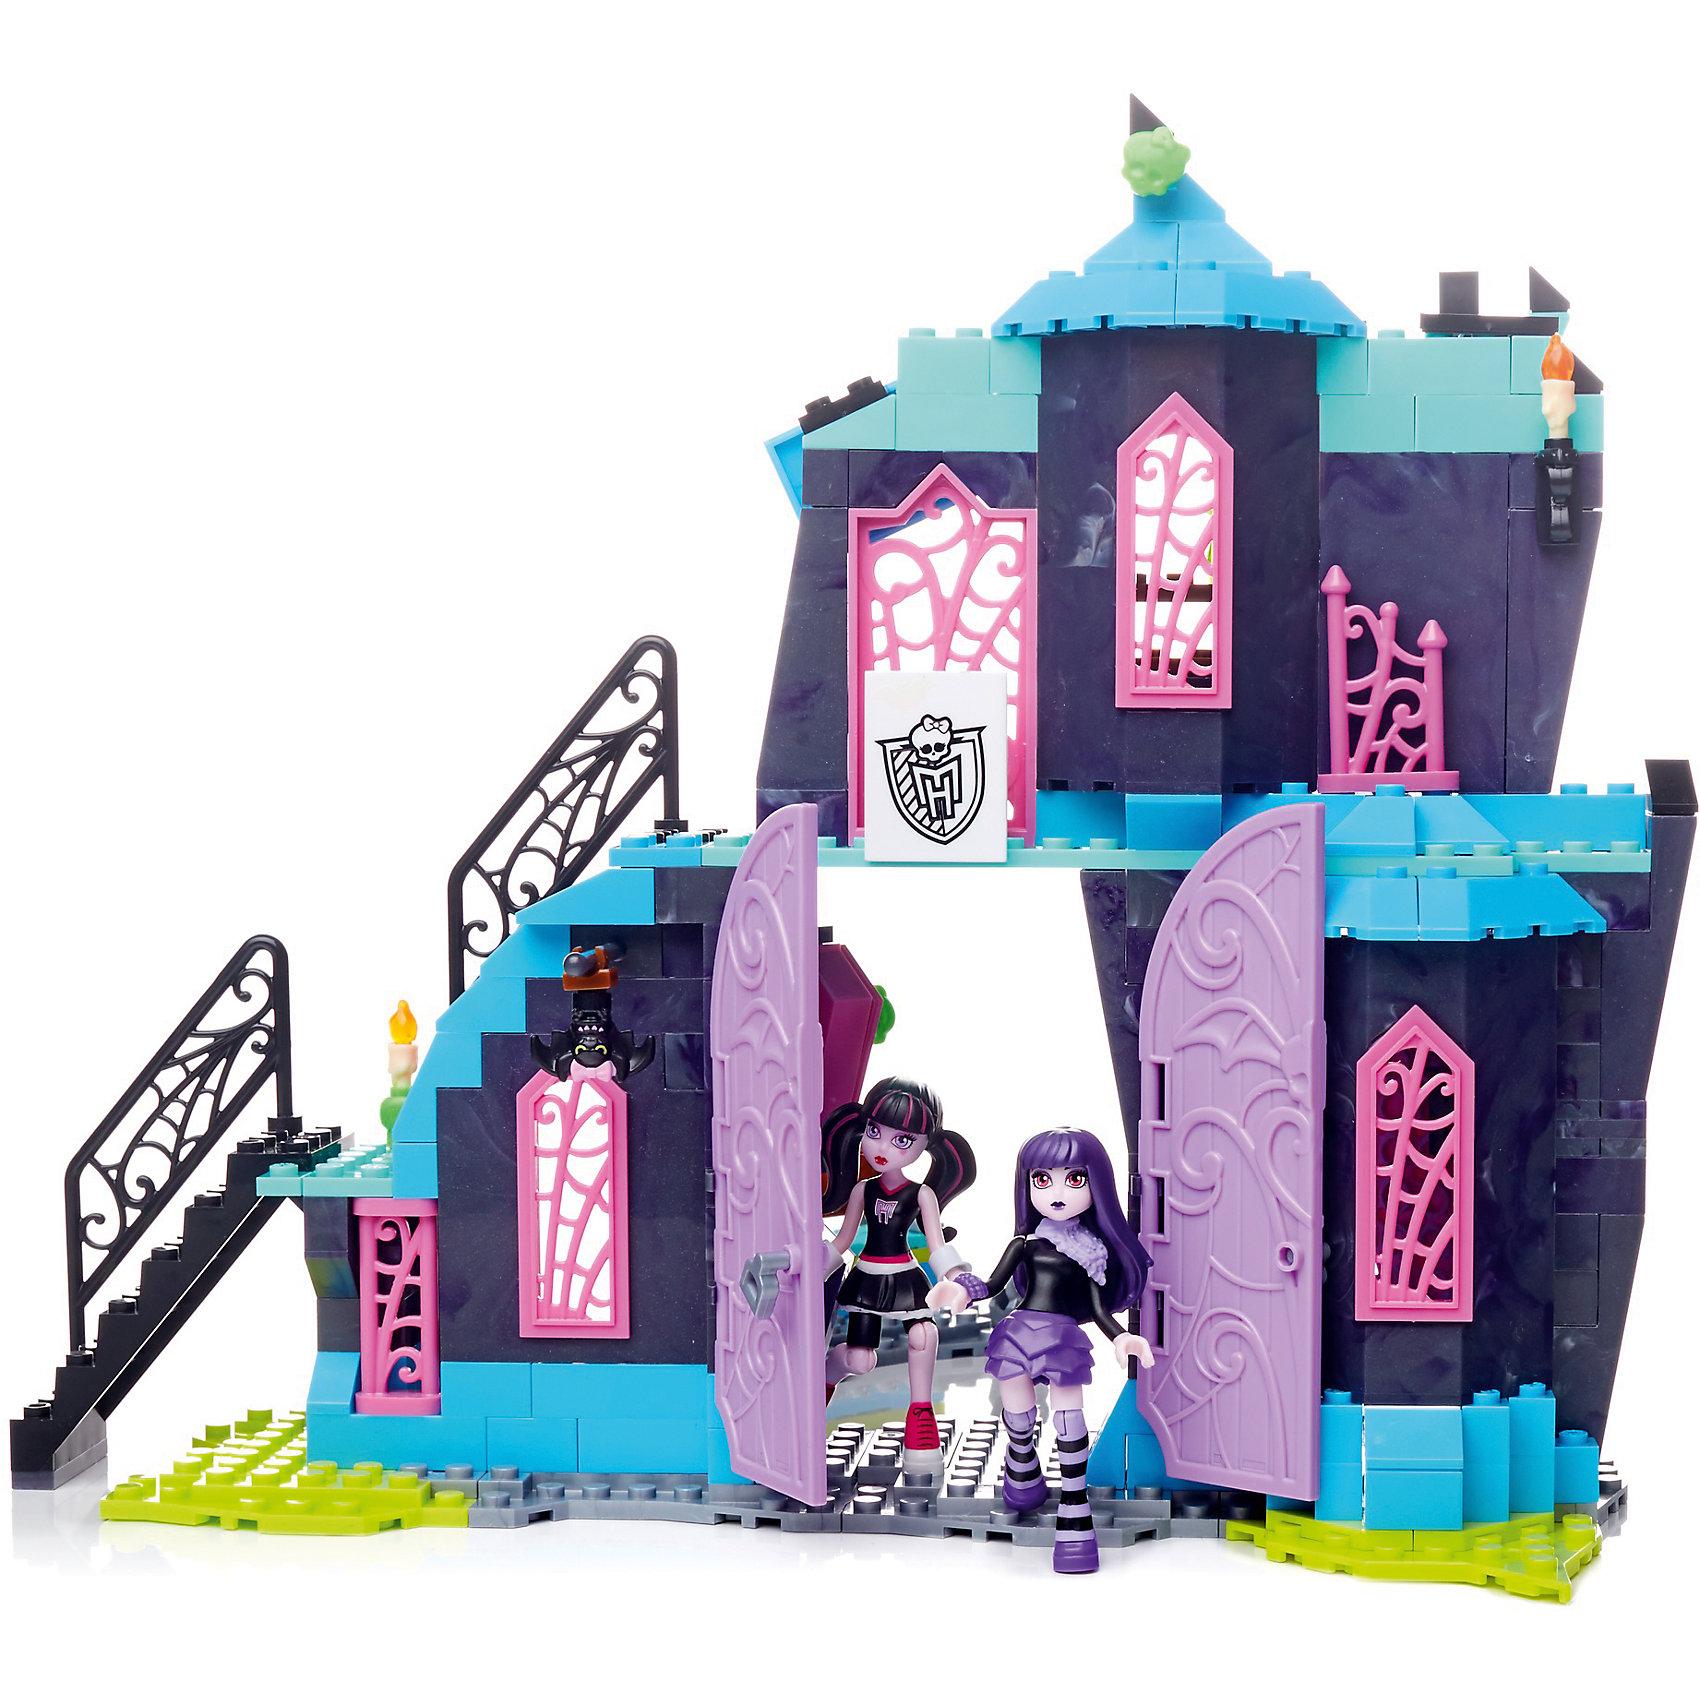 Monster High: Игровой набор Кабинеты Школы монстров, MEGA BLOKSХарактеристики:<br><br>• Вид игр: конструирование, сюжетно-ролевые игры<br>• Пол: для девочек<br>• Серия: Monster High<br>• Материал: пластик, металл<br>• Цвет: розовый, золотистый, голубой, серебристый, коричневый<br>• Комплектация: фигурки Дракулауры, Эллизабет, директриса Бладгуд, аксессуары<br>• Количество деталей: 337 шт.<br>• В конструкторе предусмотрены разнообразные открывающиеся и вращающиеся детали <br>• Батарейки: 3 шт. типа LR 44 (в комплекте предусмотрены демонстрационные)<br>• Размеры (Д*Ш*В): 41*30*7 см<br>• Вес: 985 г <br>• Упаковка: картонная коробка <br><br>Monster High: Игровой набор Кабинеты Школы монстров, MEGA BLOKS – это конструктор серии Monster High от Mattel. Детали конструктора выполнены из качественного и безопасного пластика, устойчивого к механическим повреждениям. Все элементы окрашены нетоксичными красками. Конструктор состоит из 337 деталей, из которых собираются помещения школы из 2-х этажей и 4-х зон. Такой набор позволит поклоннице знаменитого мультсериала воспроизвести любимые сюжеты или придумать свою историю.<br>Сюжетно-ролевые игры с конструктором серии Monster High позволят развивать воображение, образное и пространственное мышление, а конструирование – мелкую моторику рук, научит вашего ребенка быть внимательным и терпеливым при сборке деталей.<br>Конструктор Monster High: Игровой набор Кабинеты Школы монстров, MEGA BLOKS совместим с другими наборами данной серии. <br><br>Monster High: Игровой набор Кабинеты Школы монстров, MEGA BLOKS можно купить в нашем интернет-магазине.<br><br>Ширина мм: 290<br>Глубина мм: 405<br>Высота мм: 55<br>Вес г: 670<br>Возраст от месяцев: 96<br>Возраст до месяцев: 168<br>Пол: Женский<br>Возраст: Детский<br>SKU: 5200247